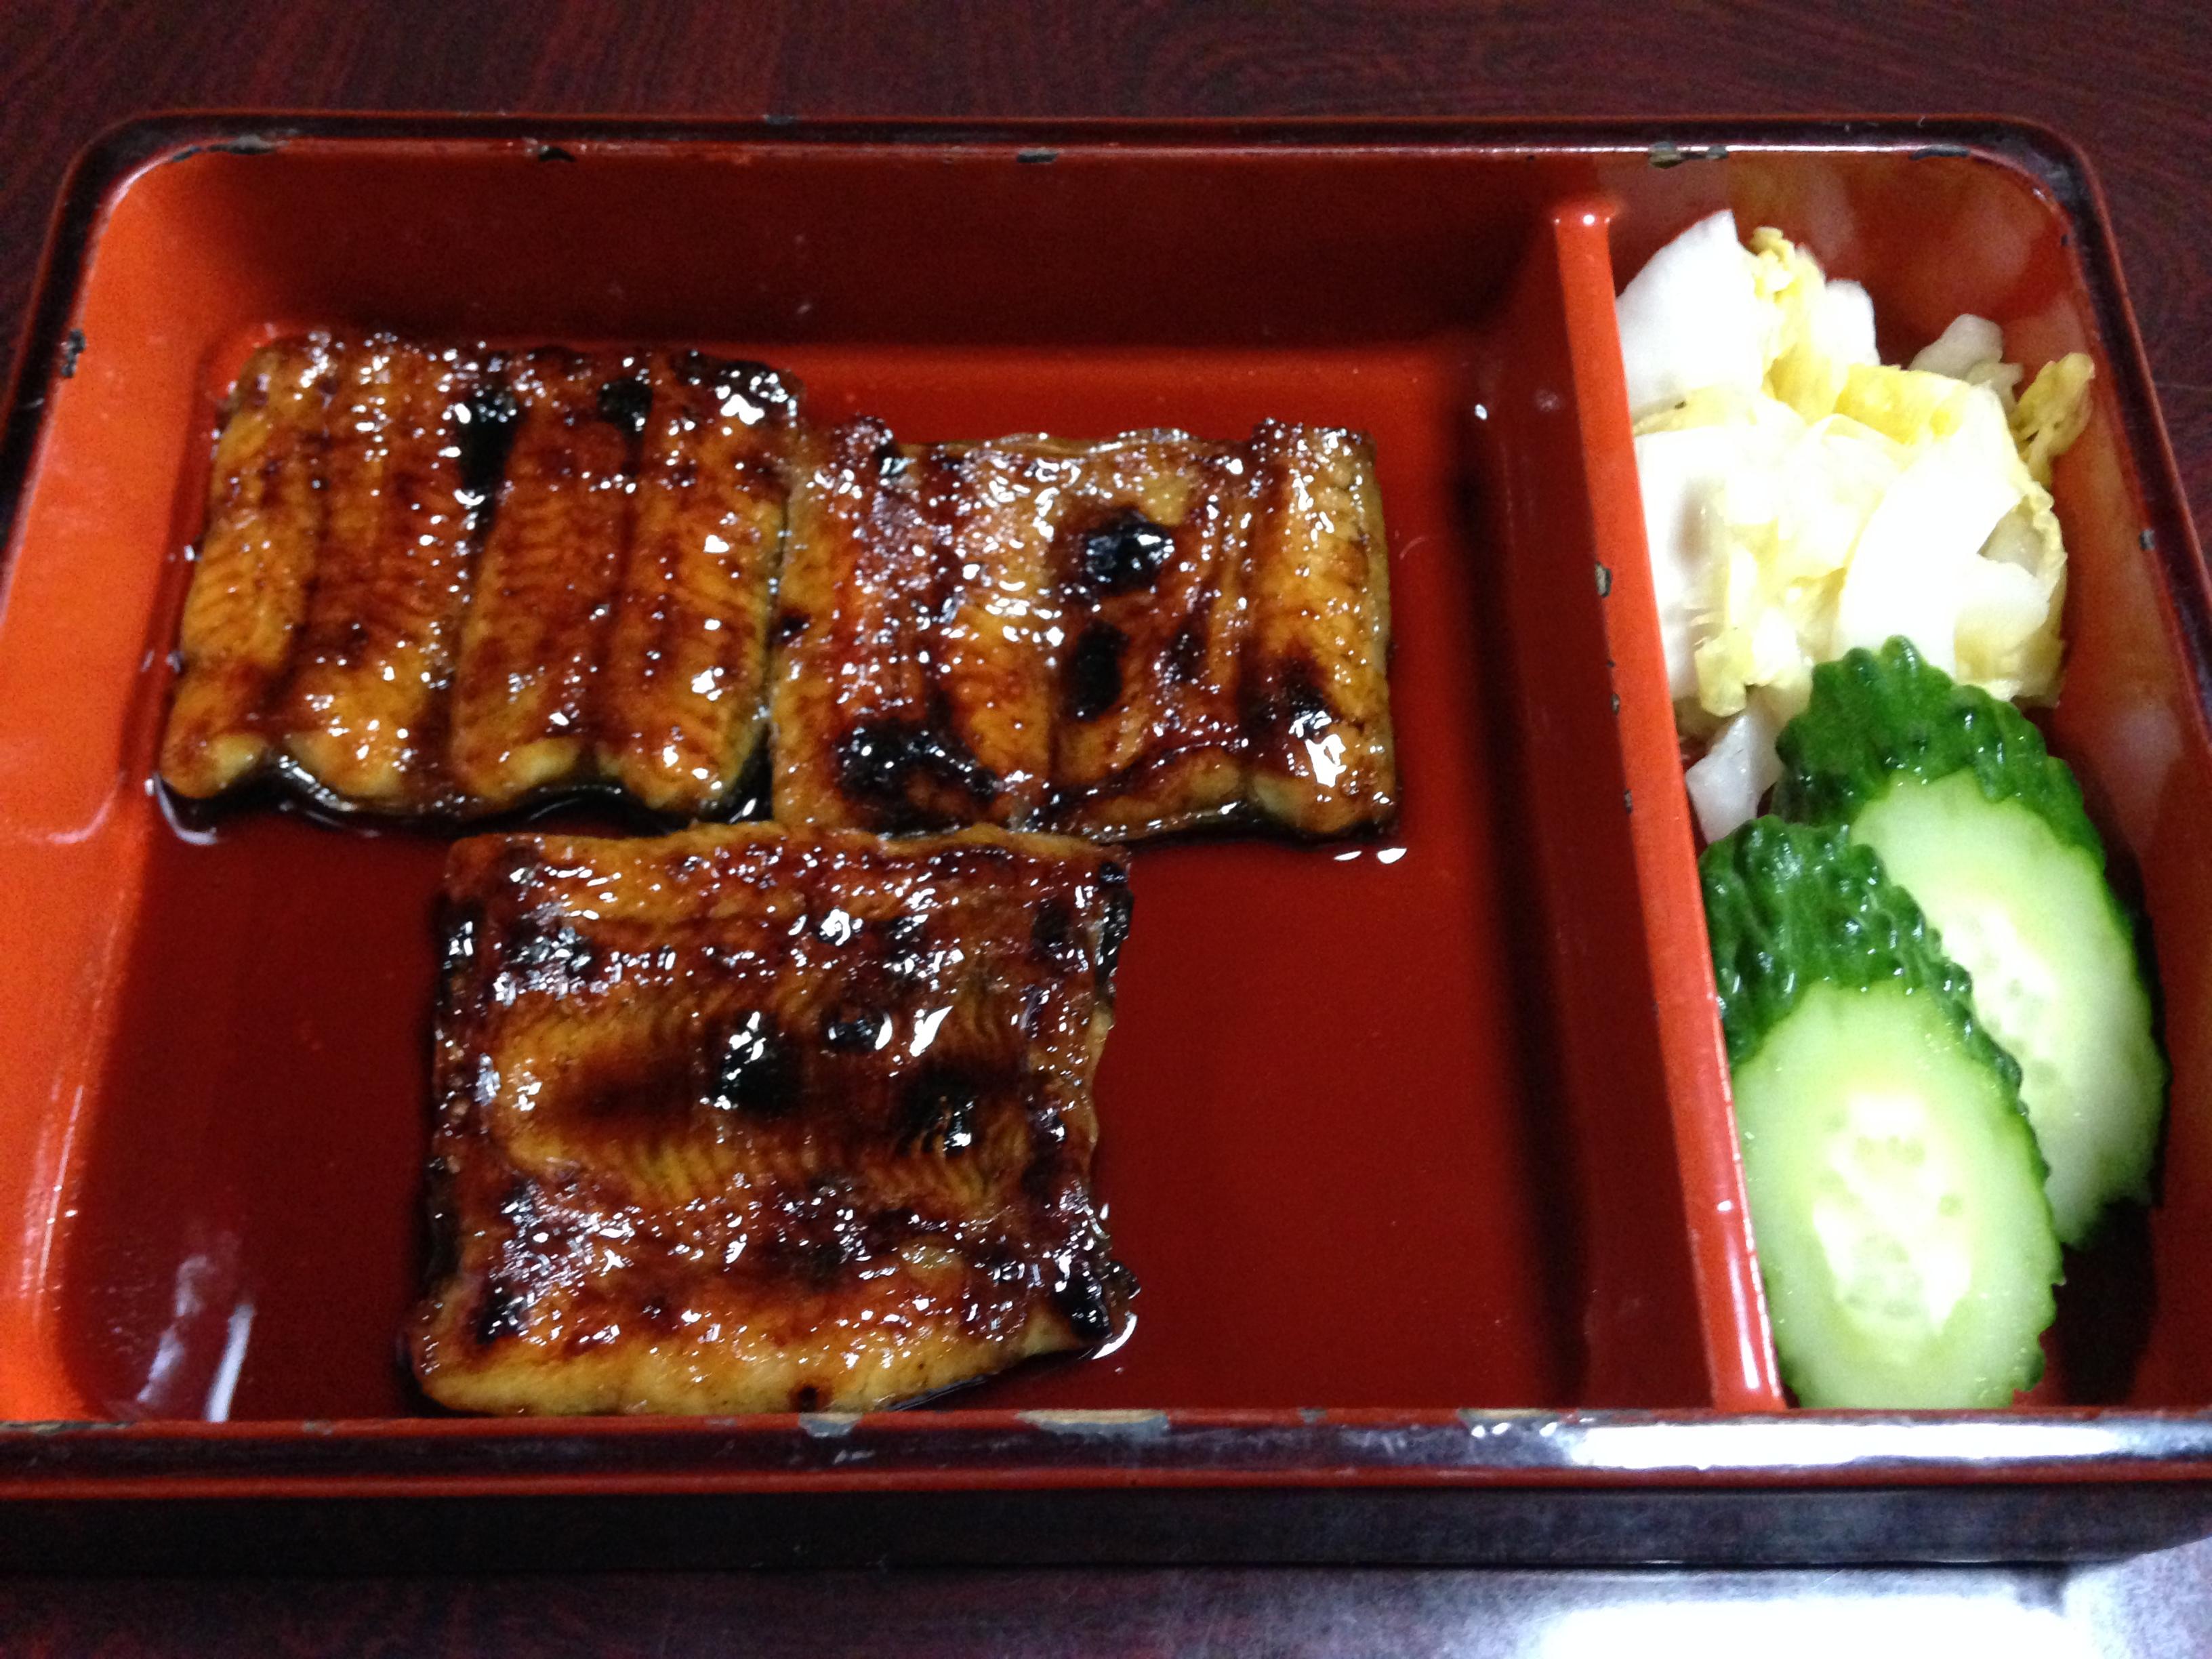 福岛美食:会津池家鳗鱼料理(Araike)